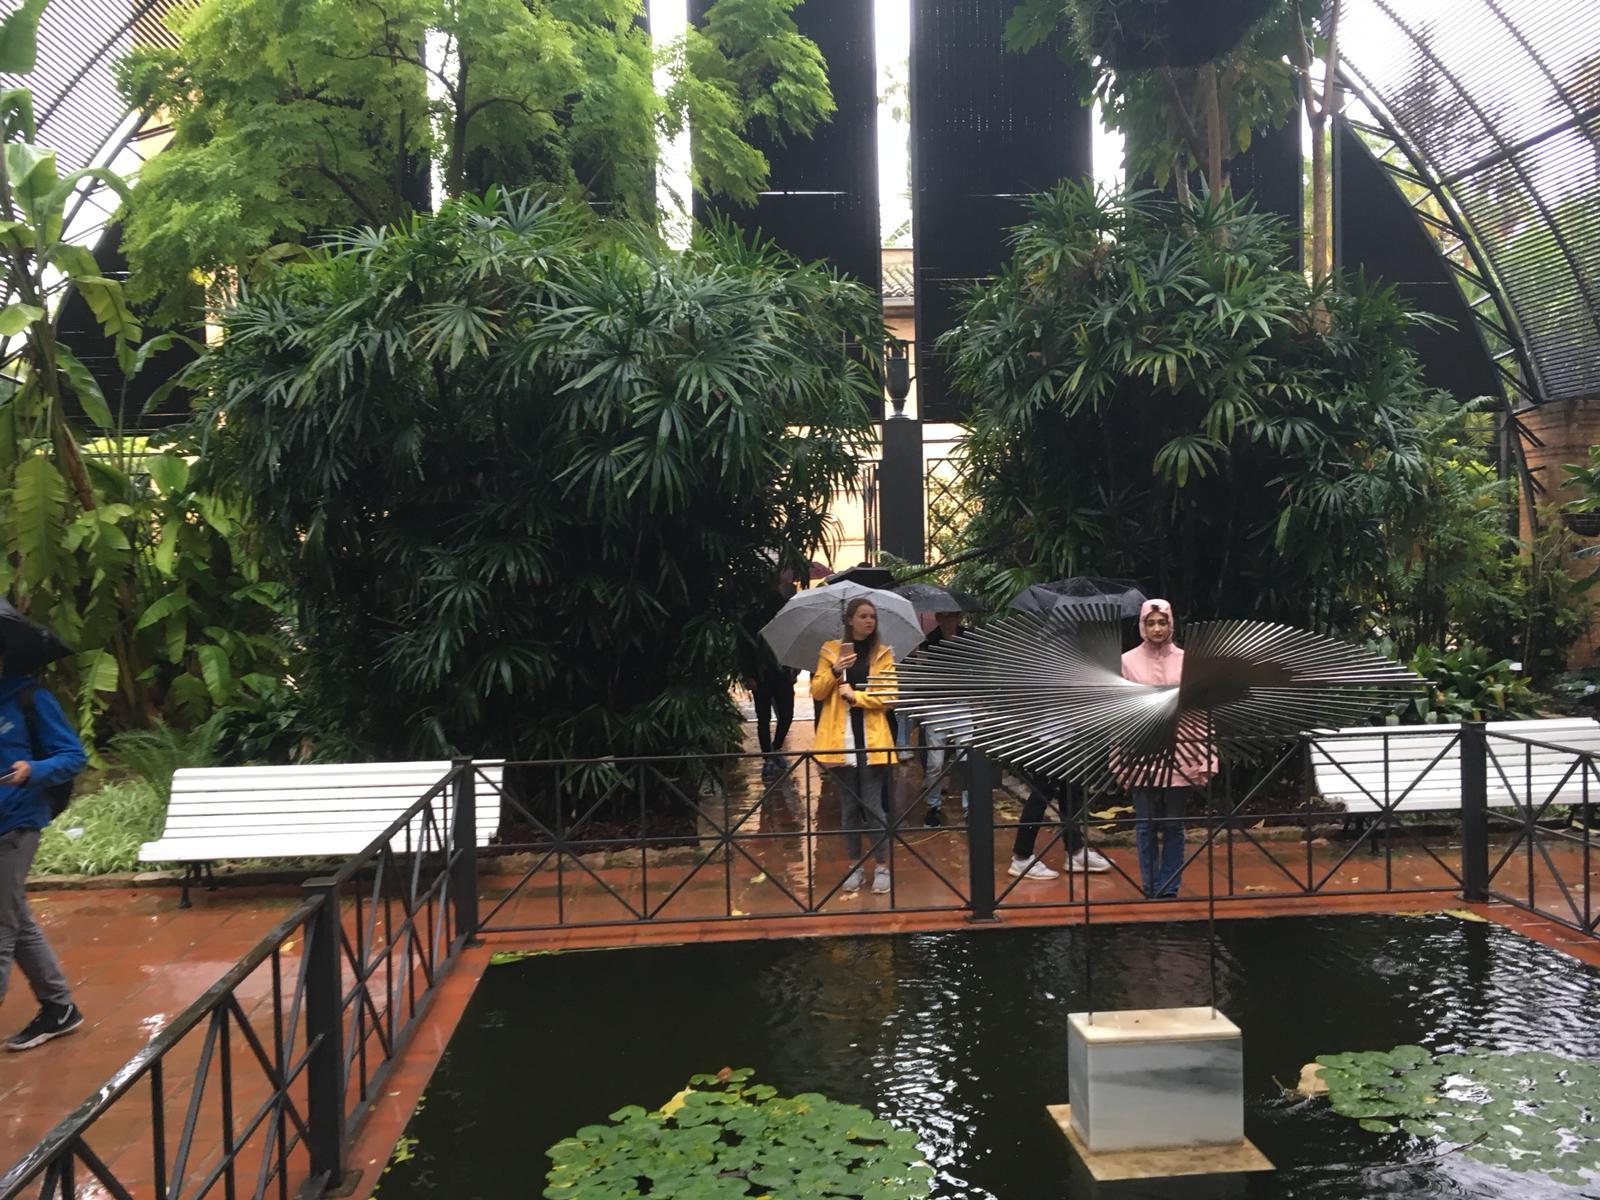 Otro momento de la visita al Jardín Botánico de la UV.